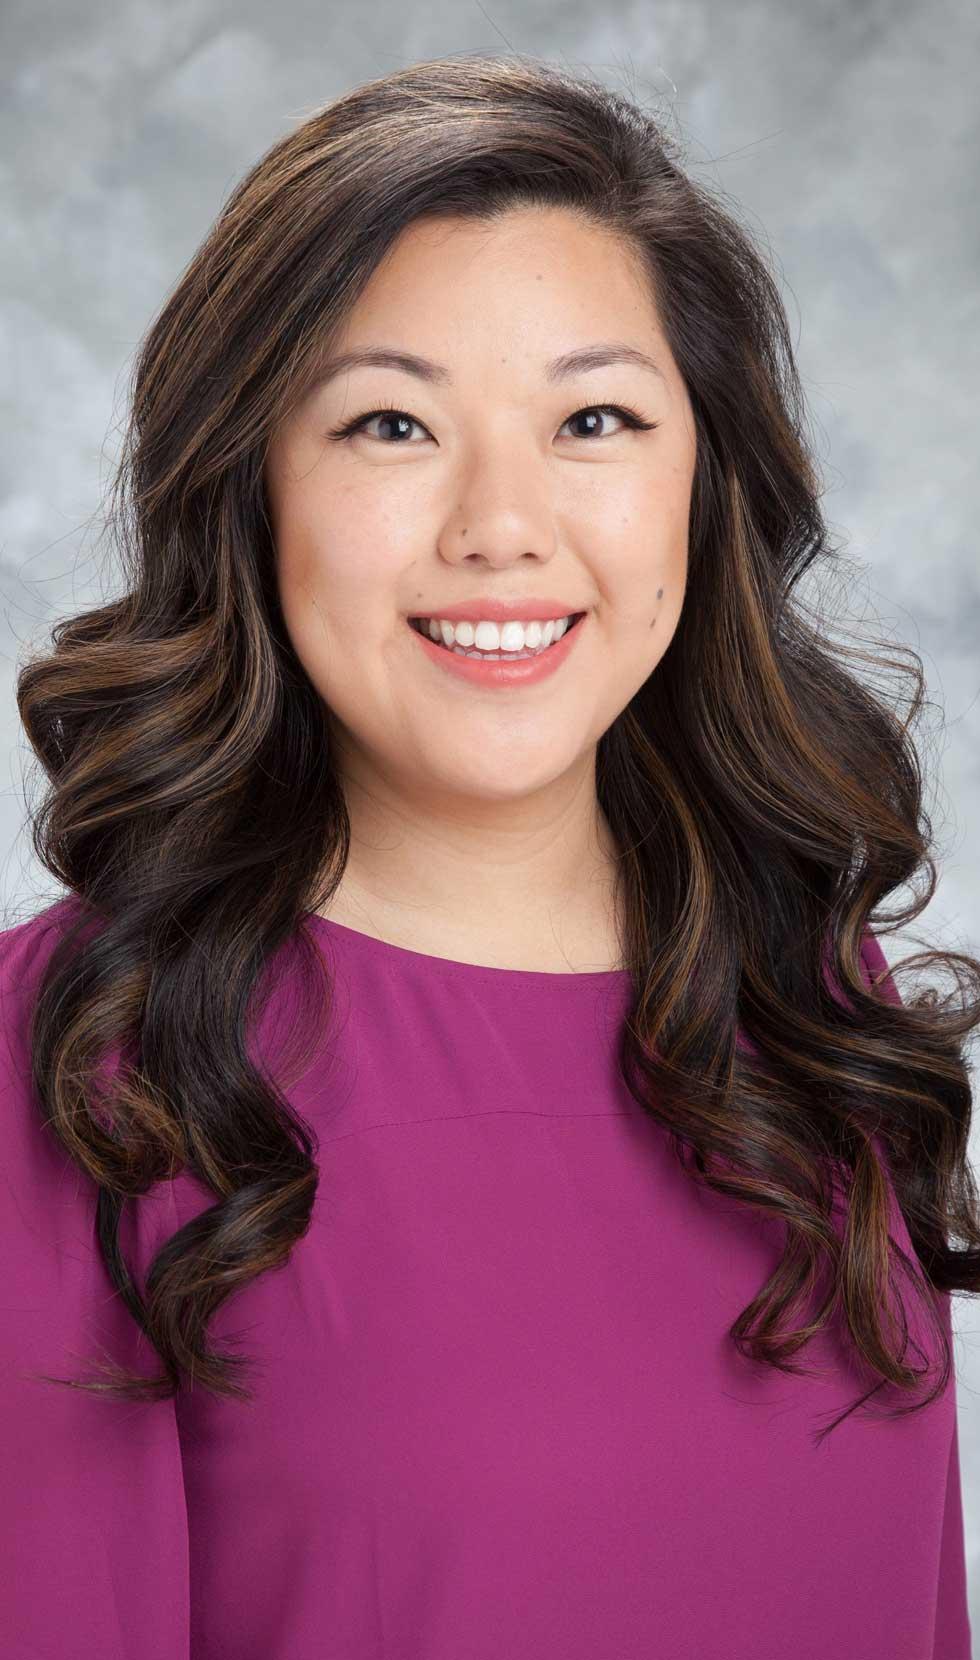 Dr.-Kim-portrait-crop-1